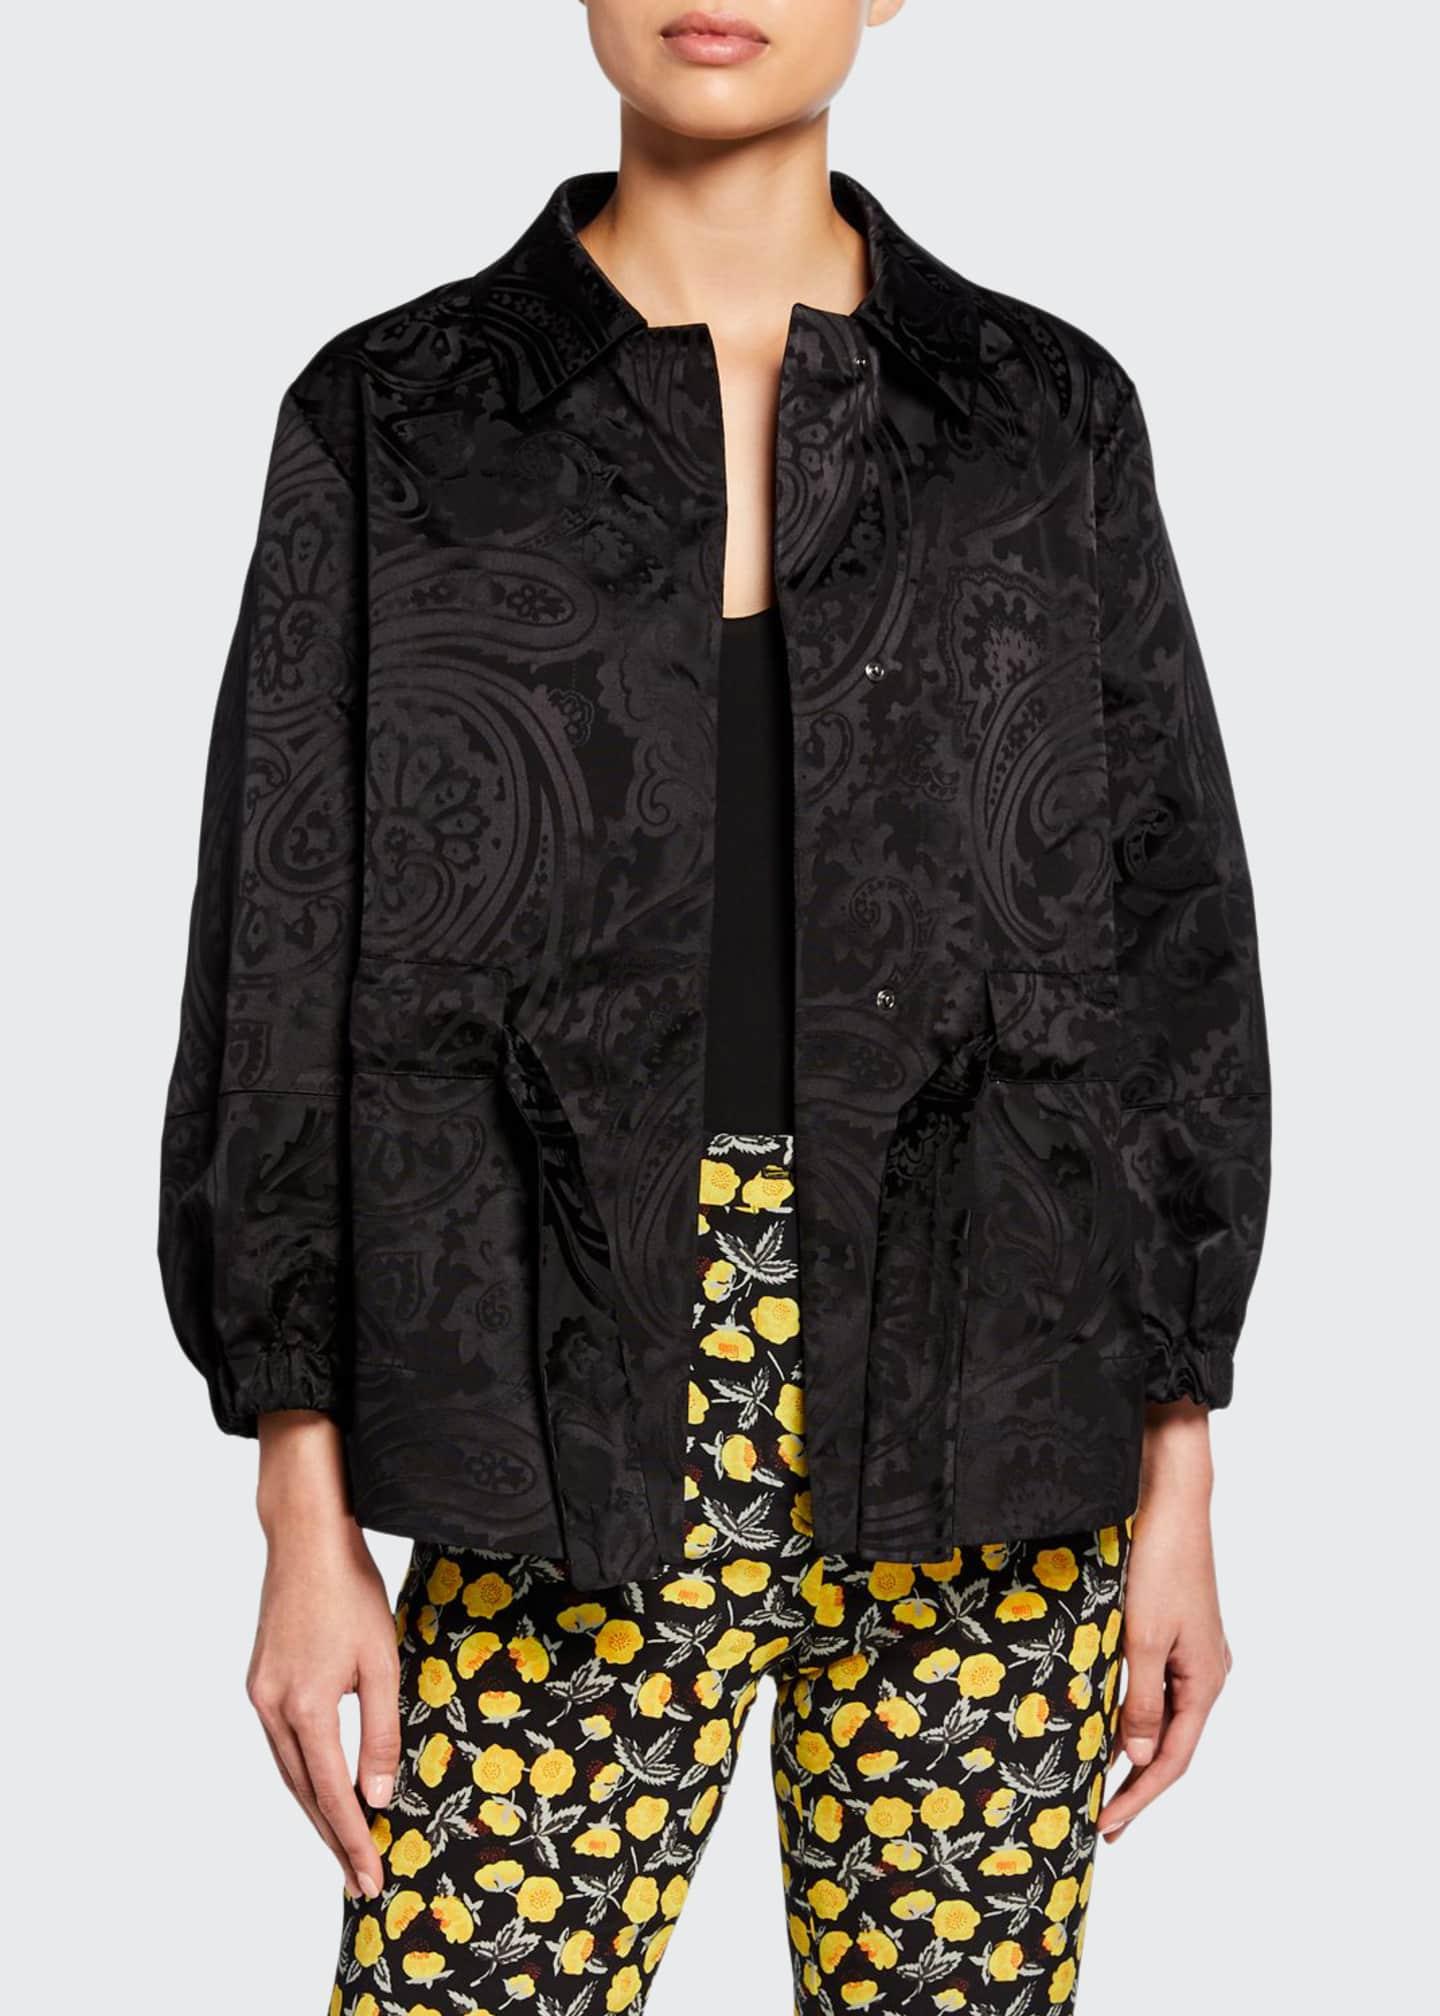 Etro Monochromatic Paisley-Jacquard Evening Jacket